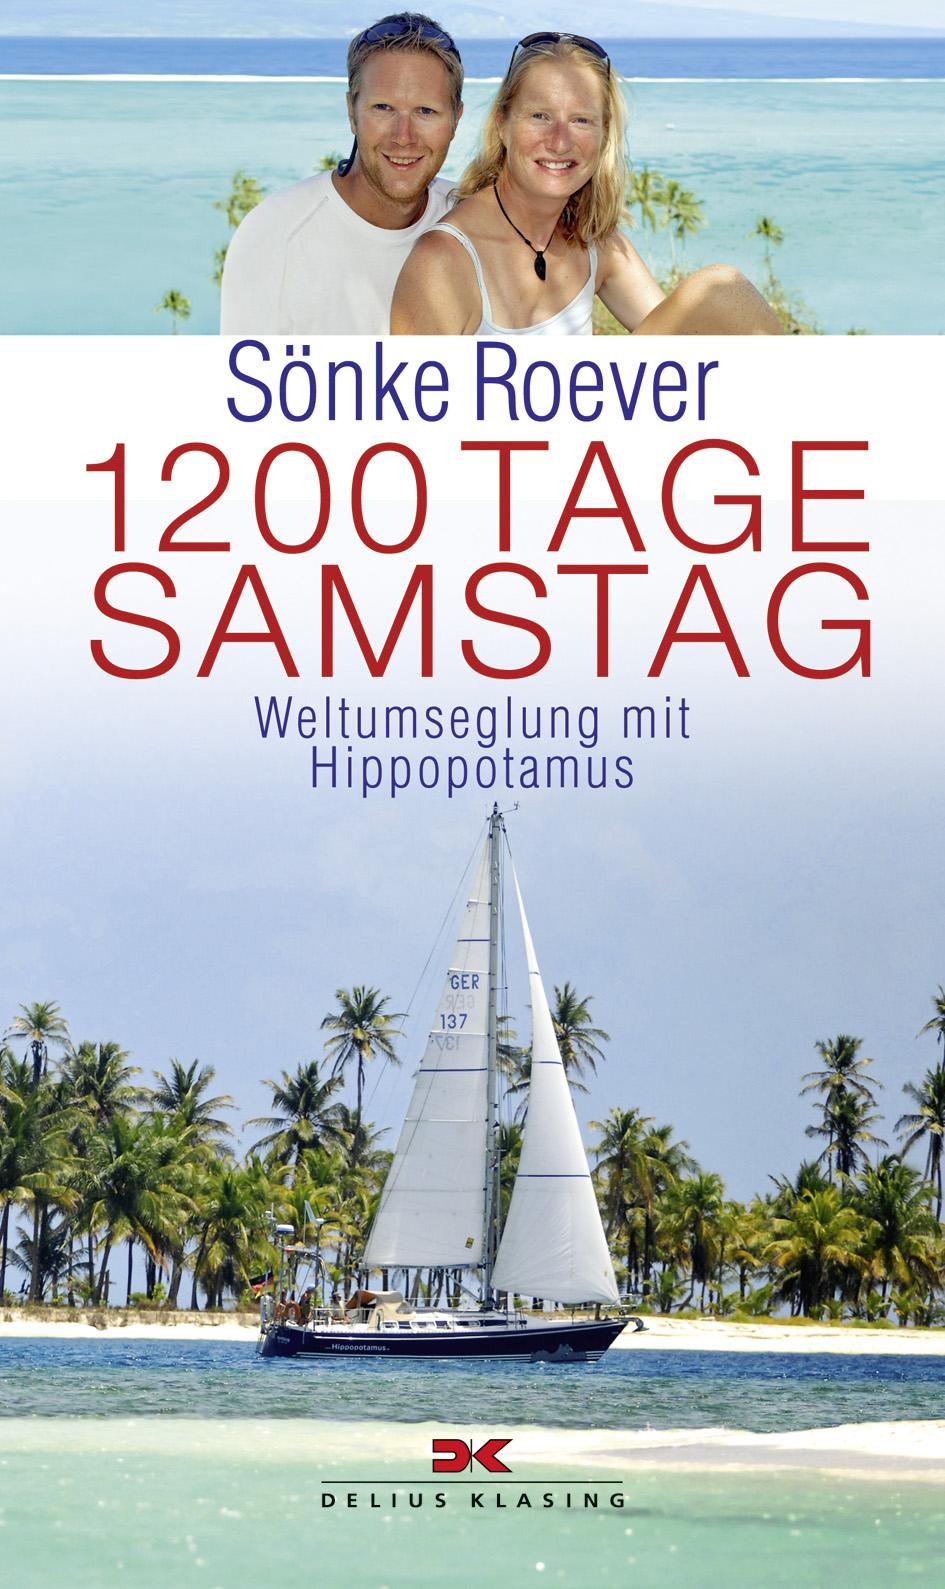 1200 Tage Samstag - Weltumseglung mit Hippopotamus, Judith und Sönke Roever